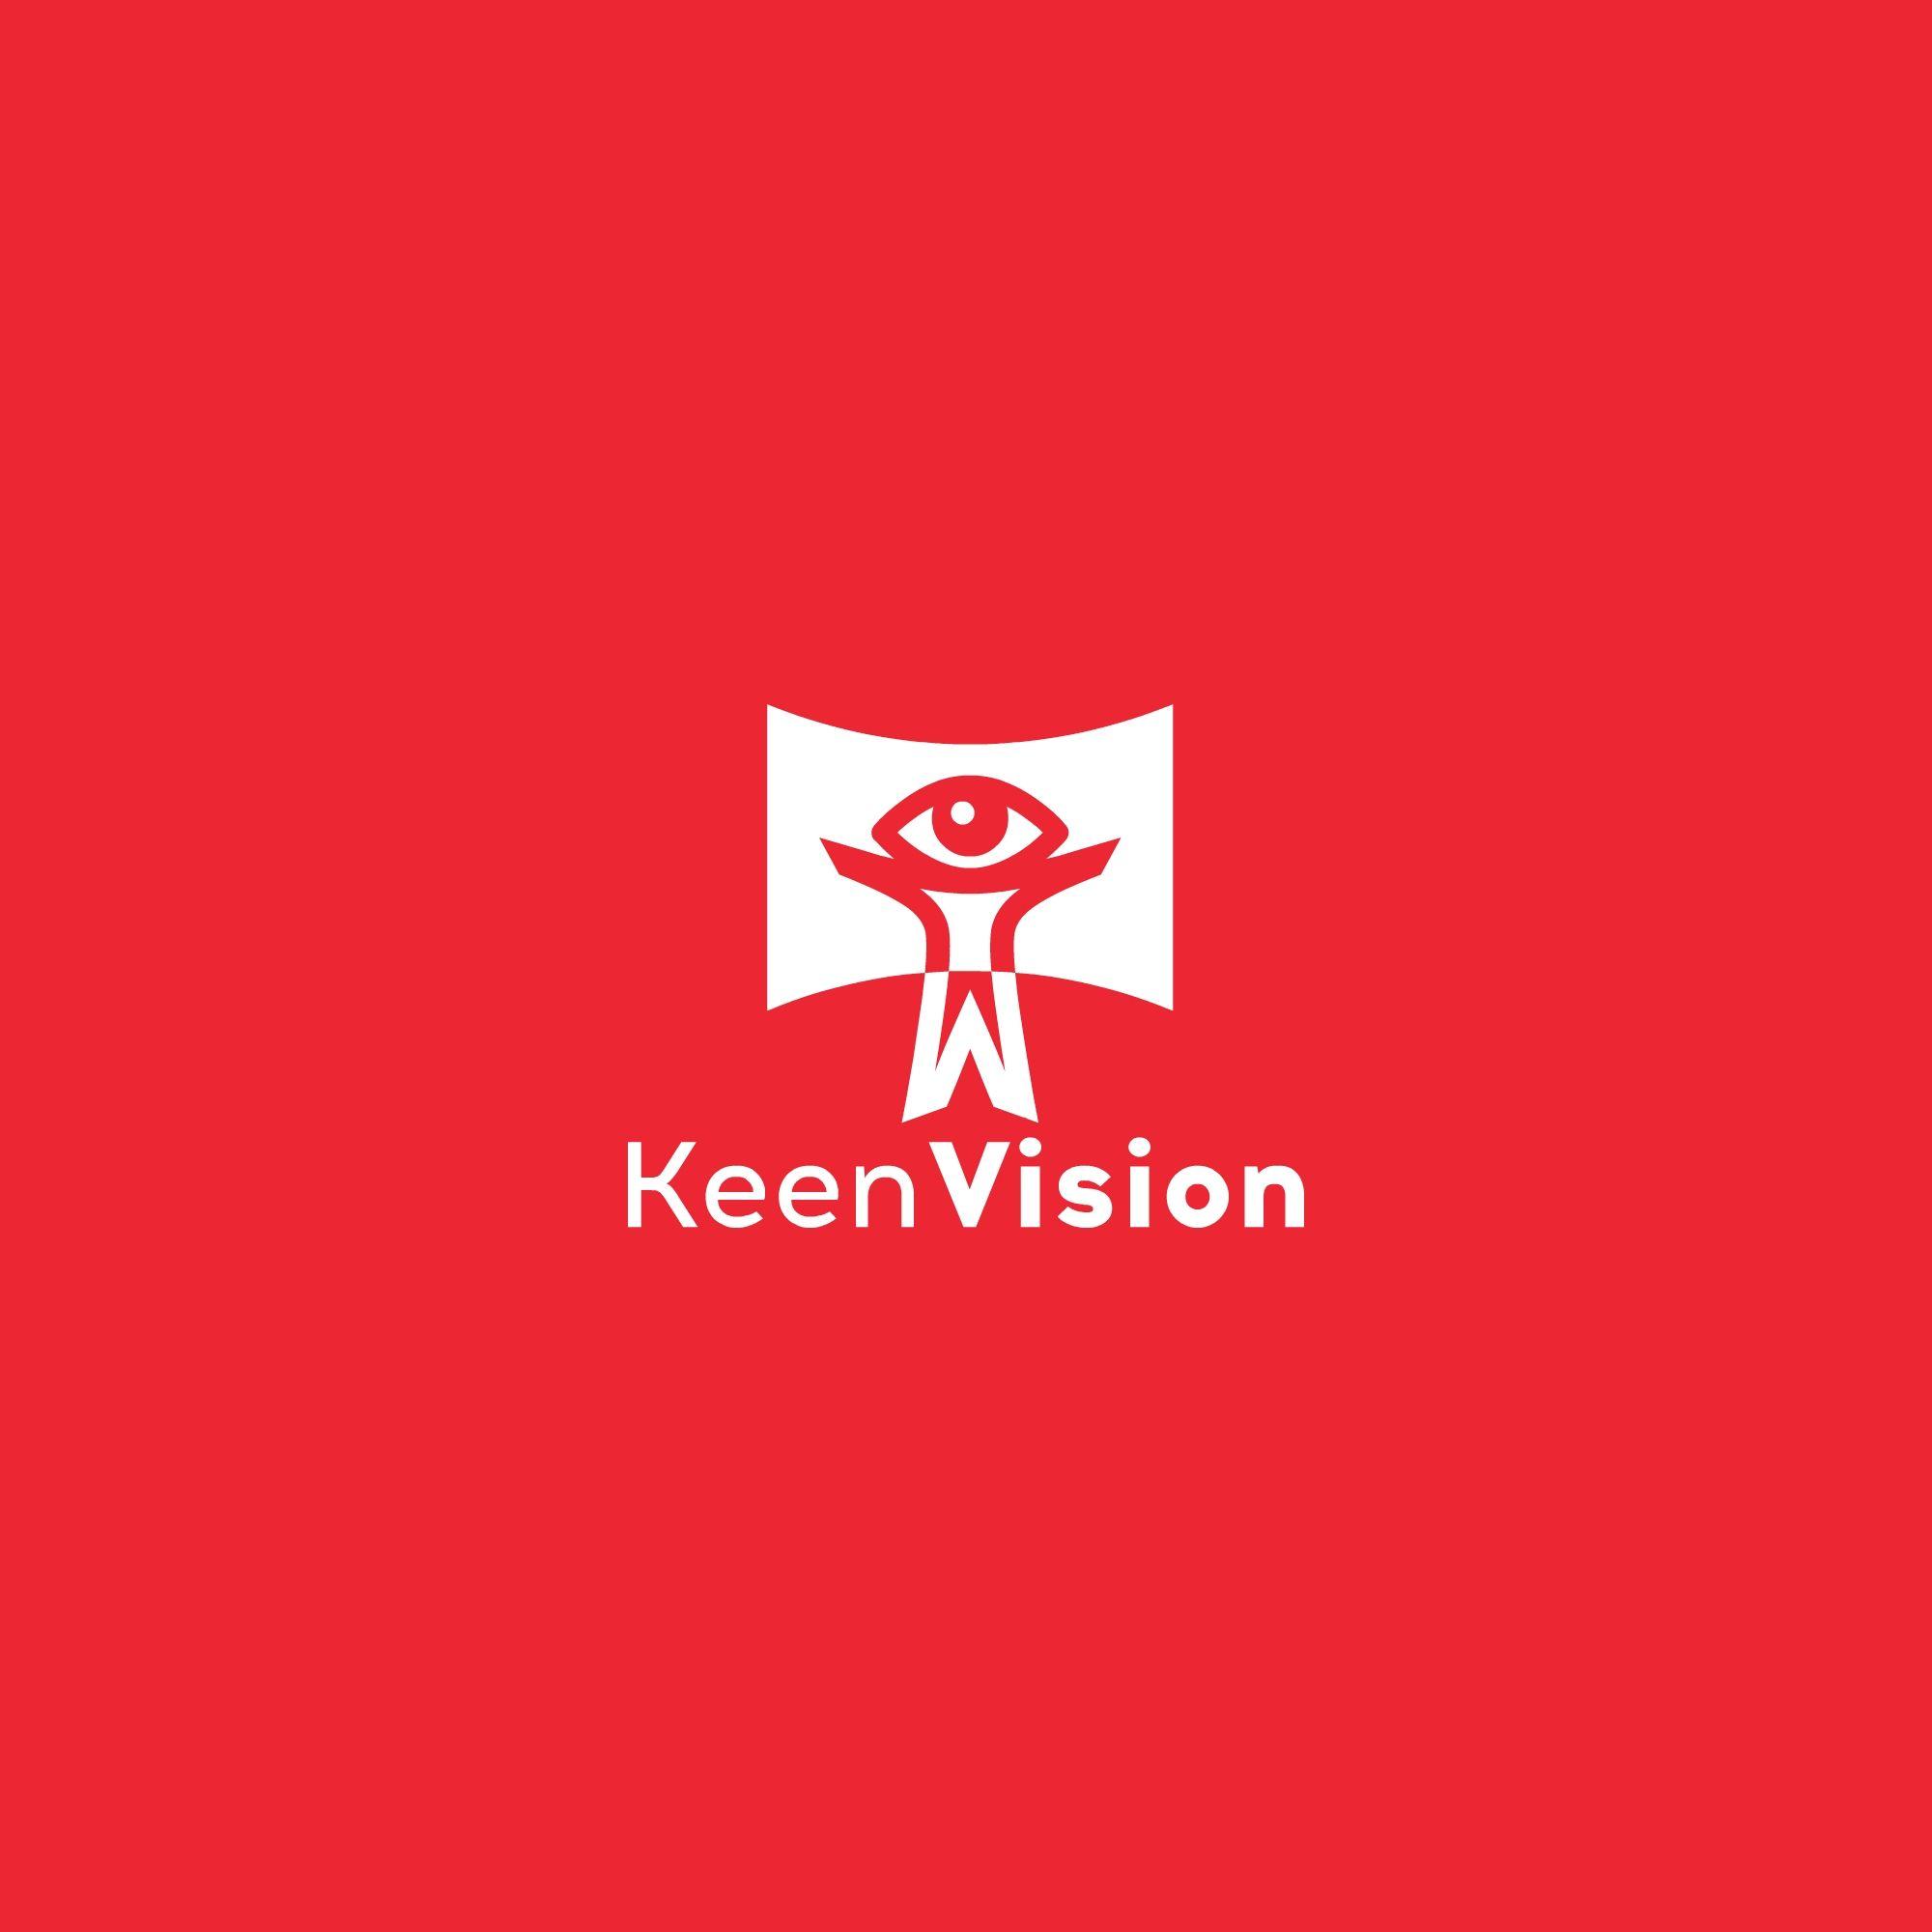 Логотип для KeenVision - дизайнер KokAN